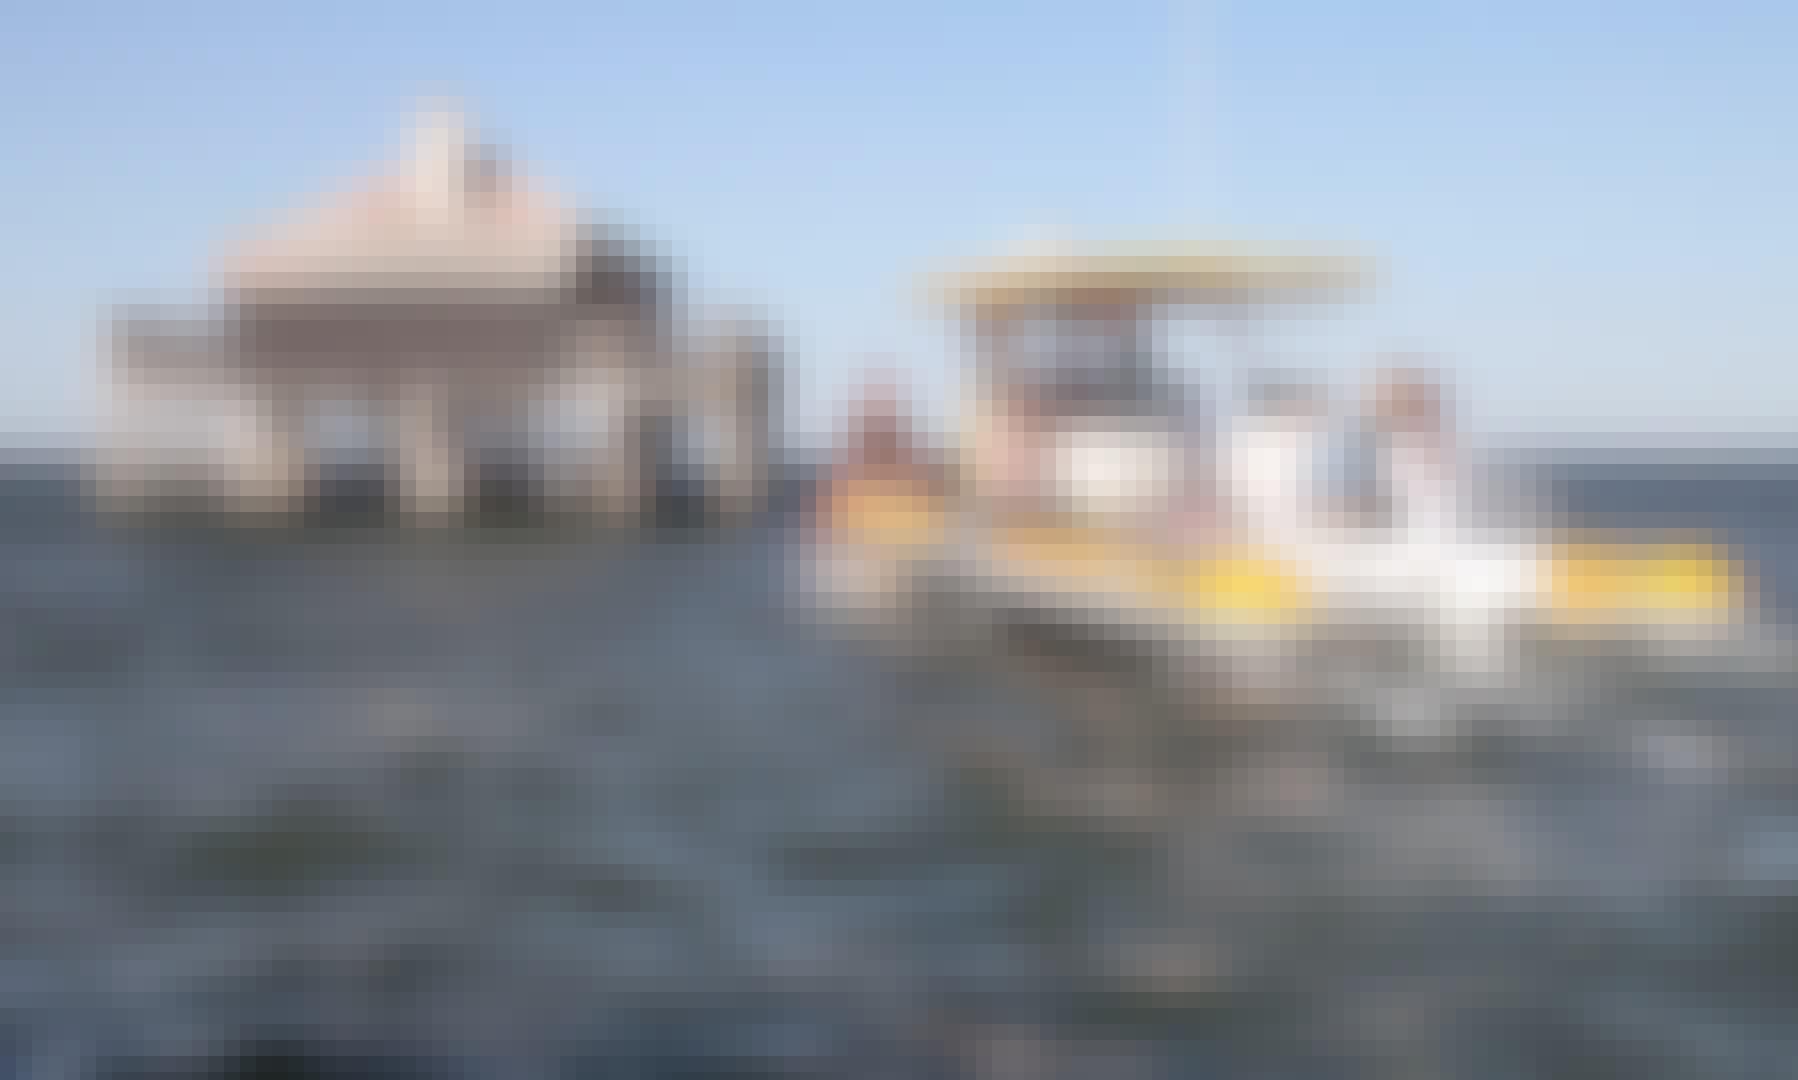 Water Taxi in Lège-Cap-Ferret